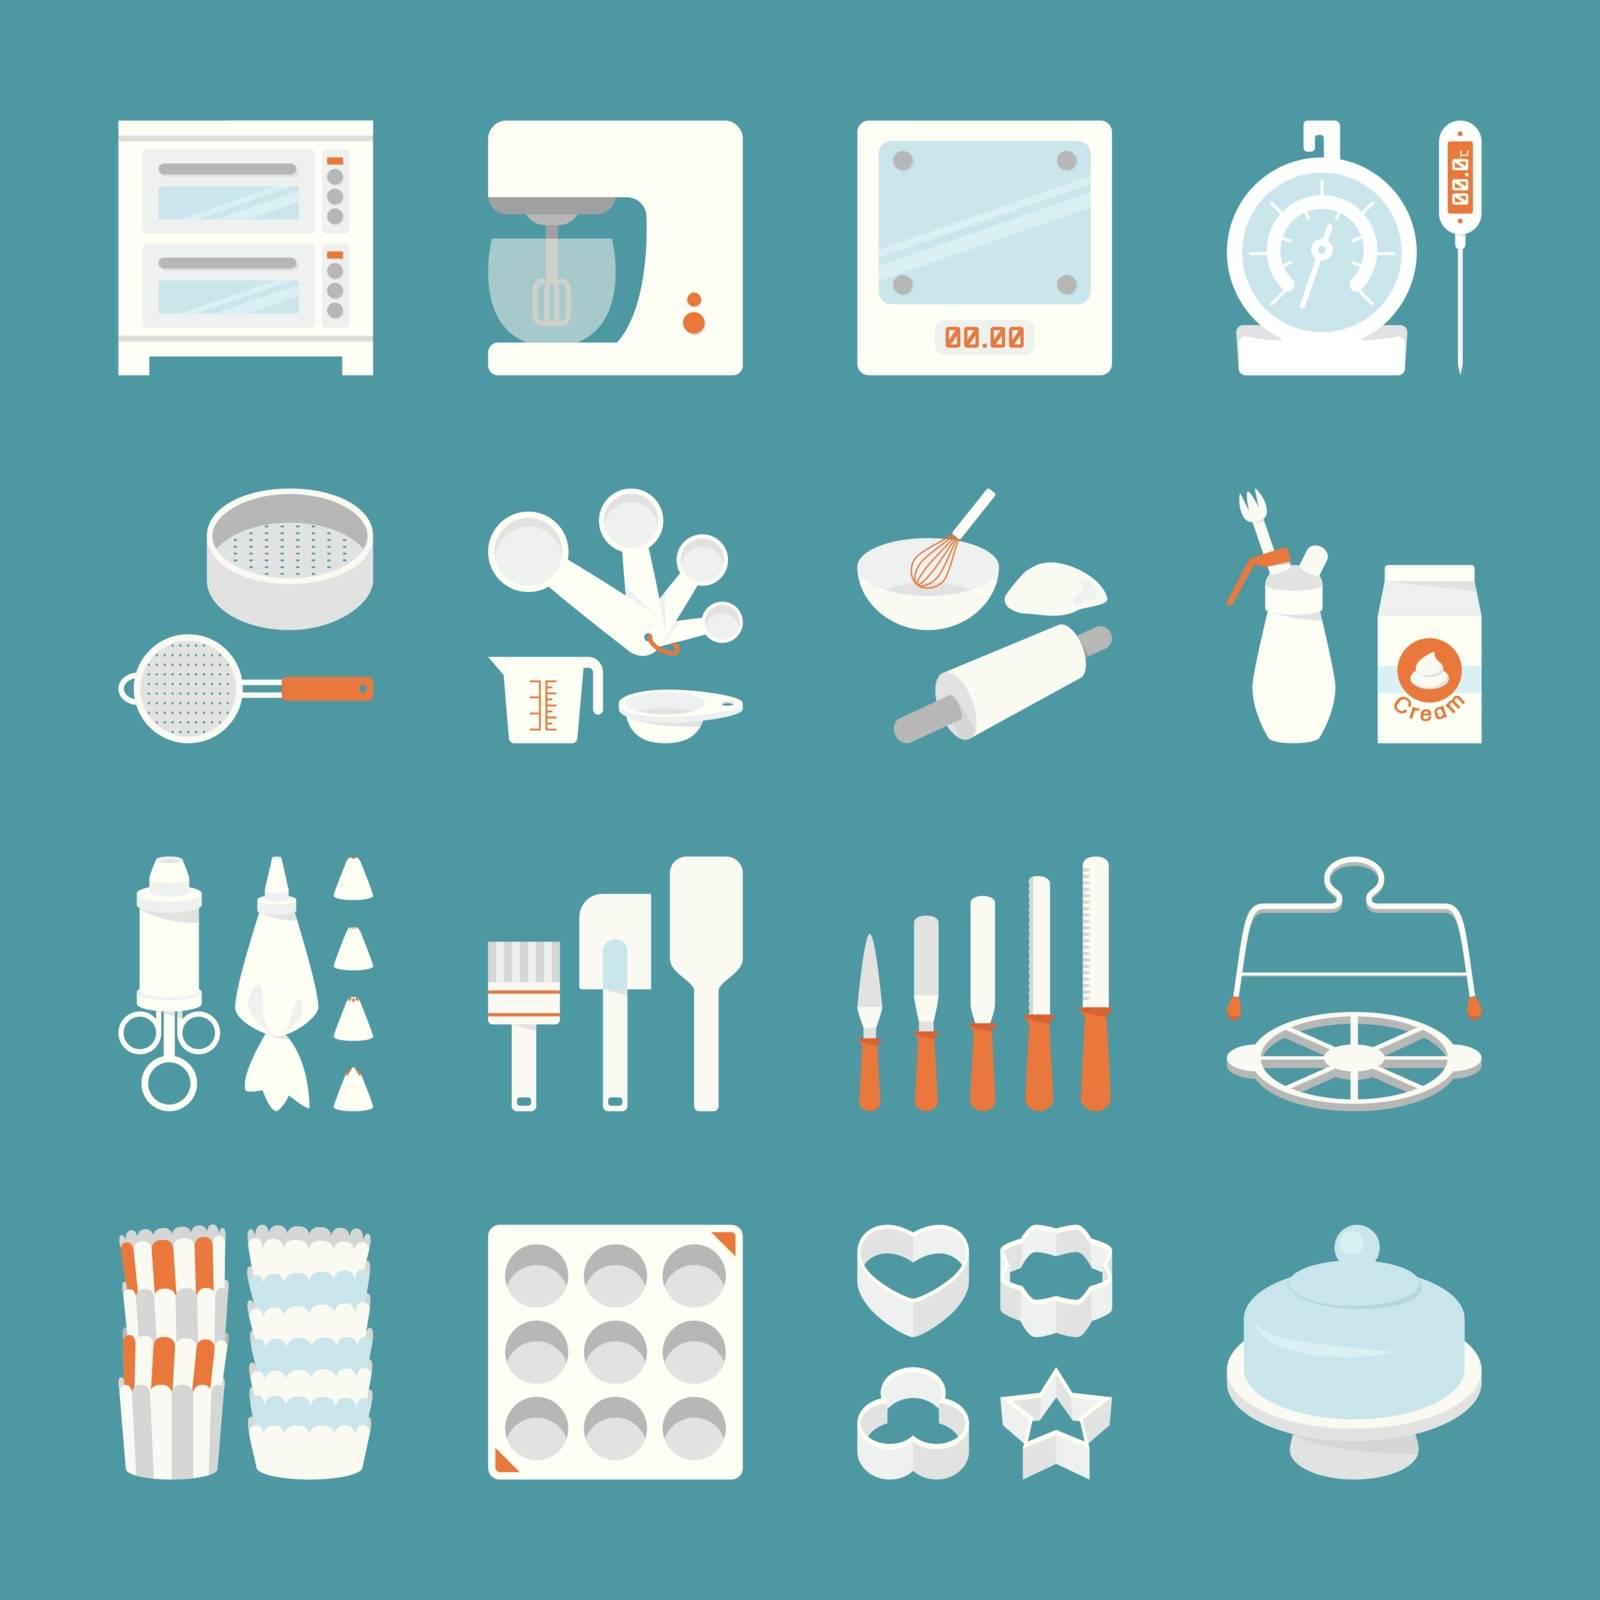 Bakery equipment icon